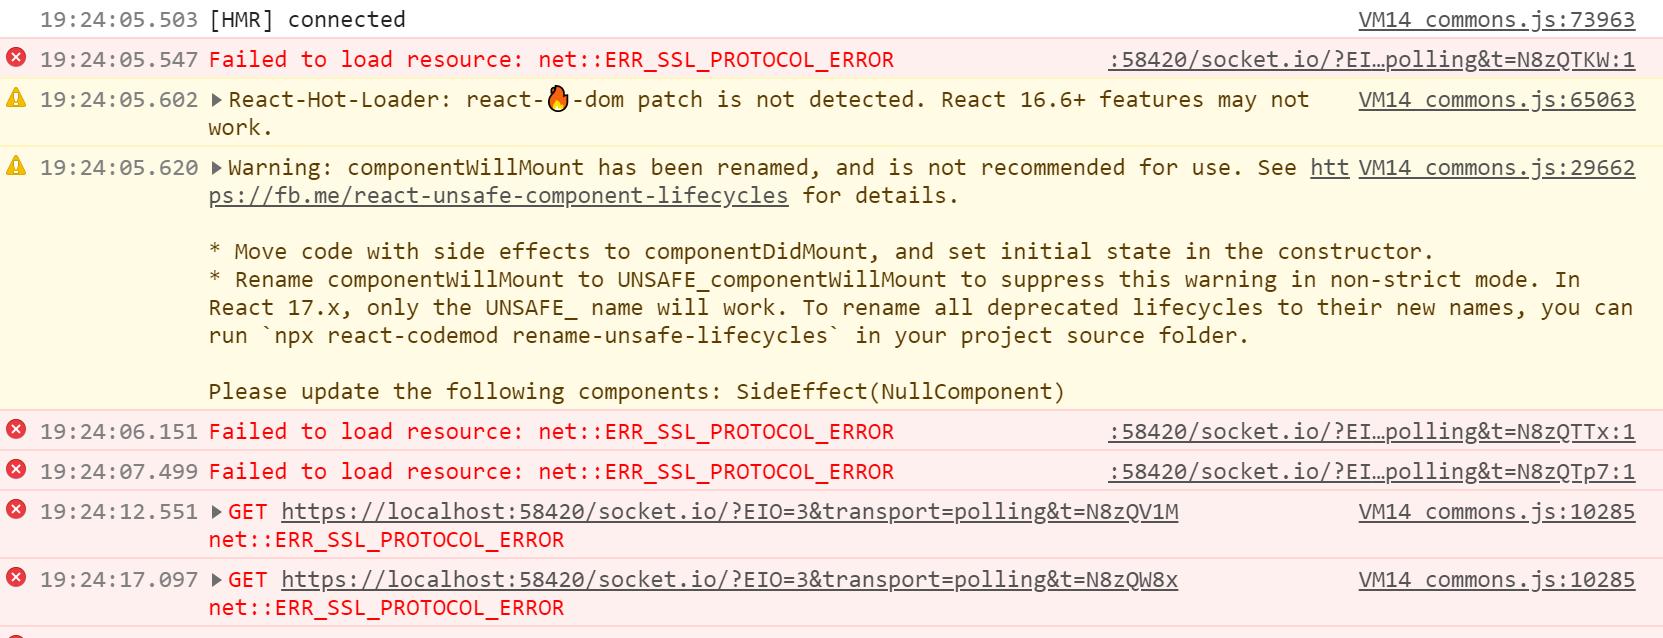 ssl-proto-error